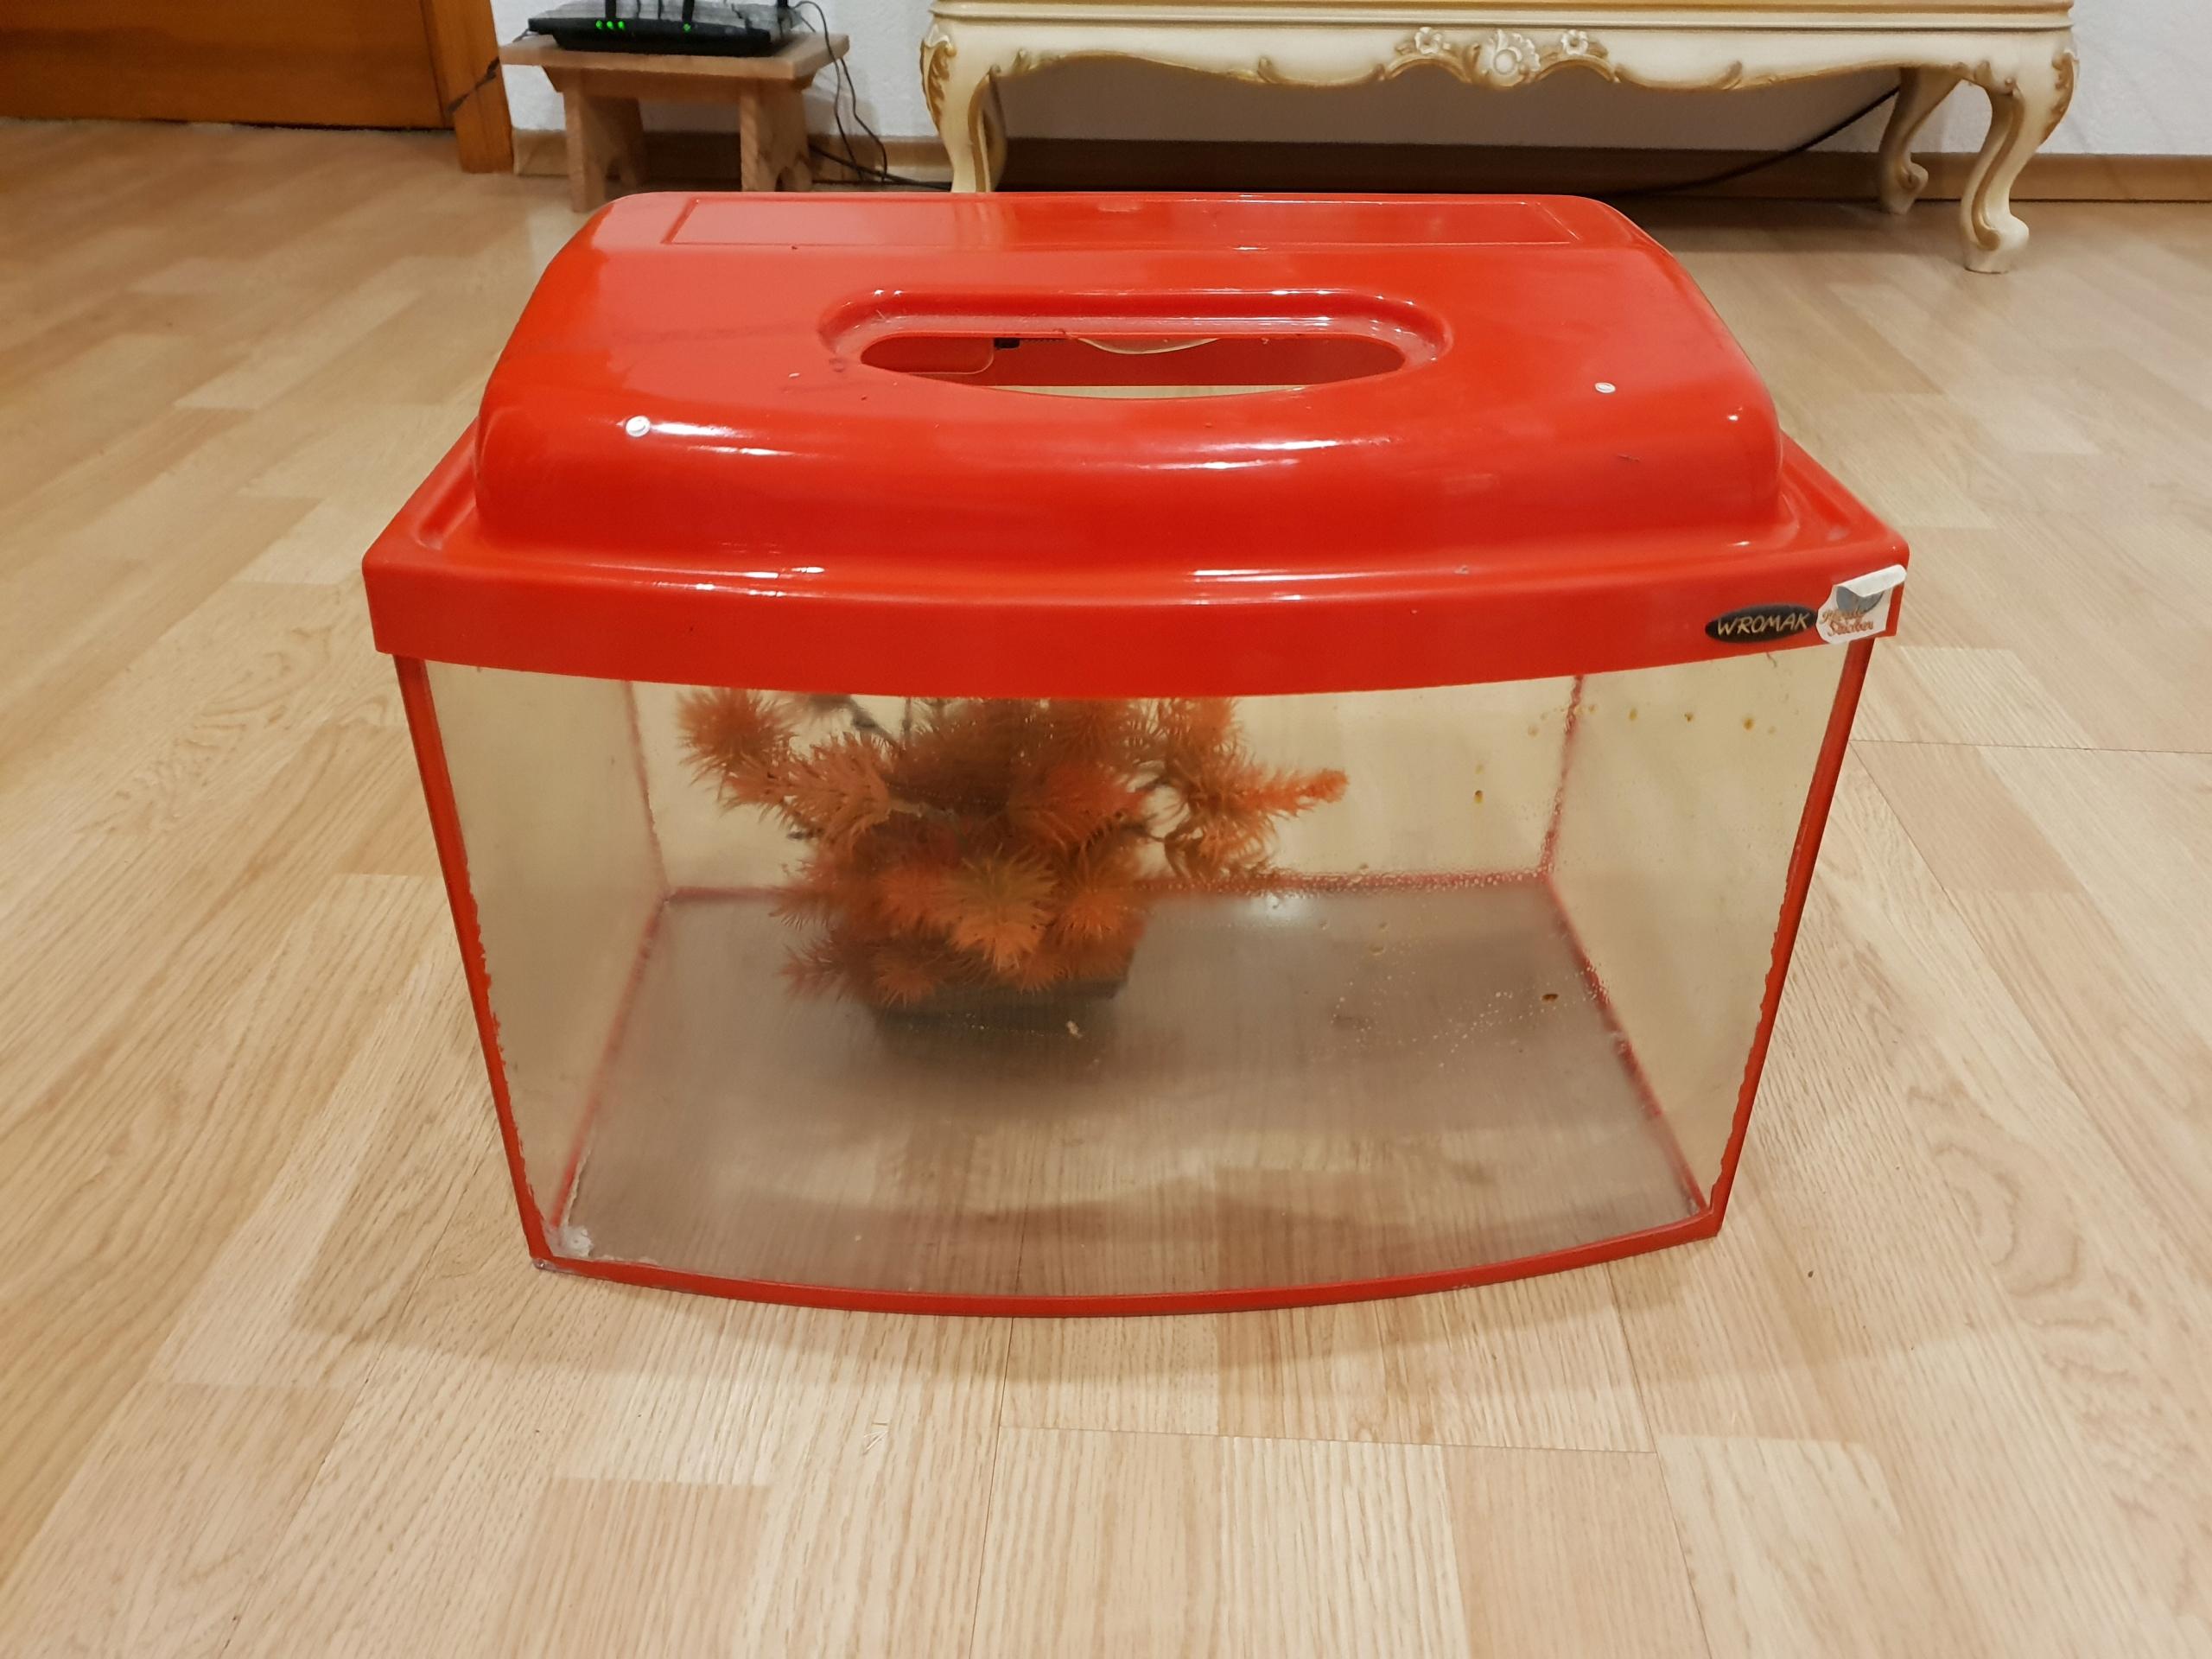 Akwarium ok20l czerwone